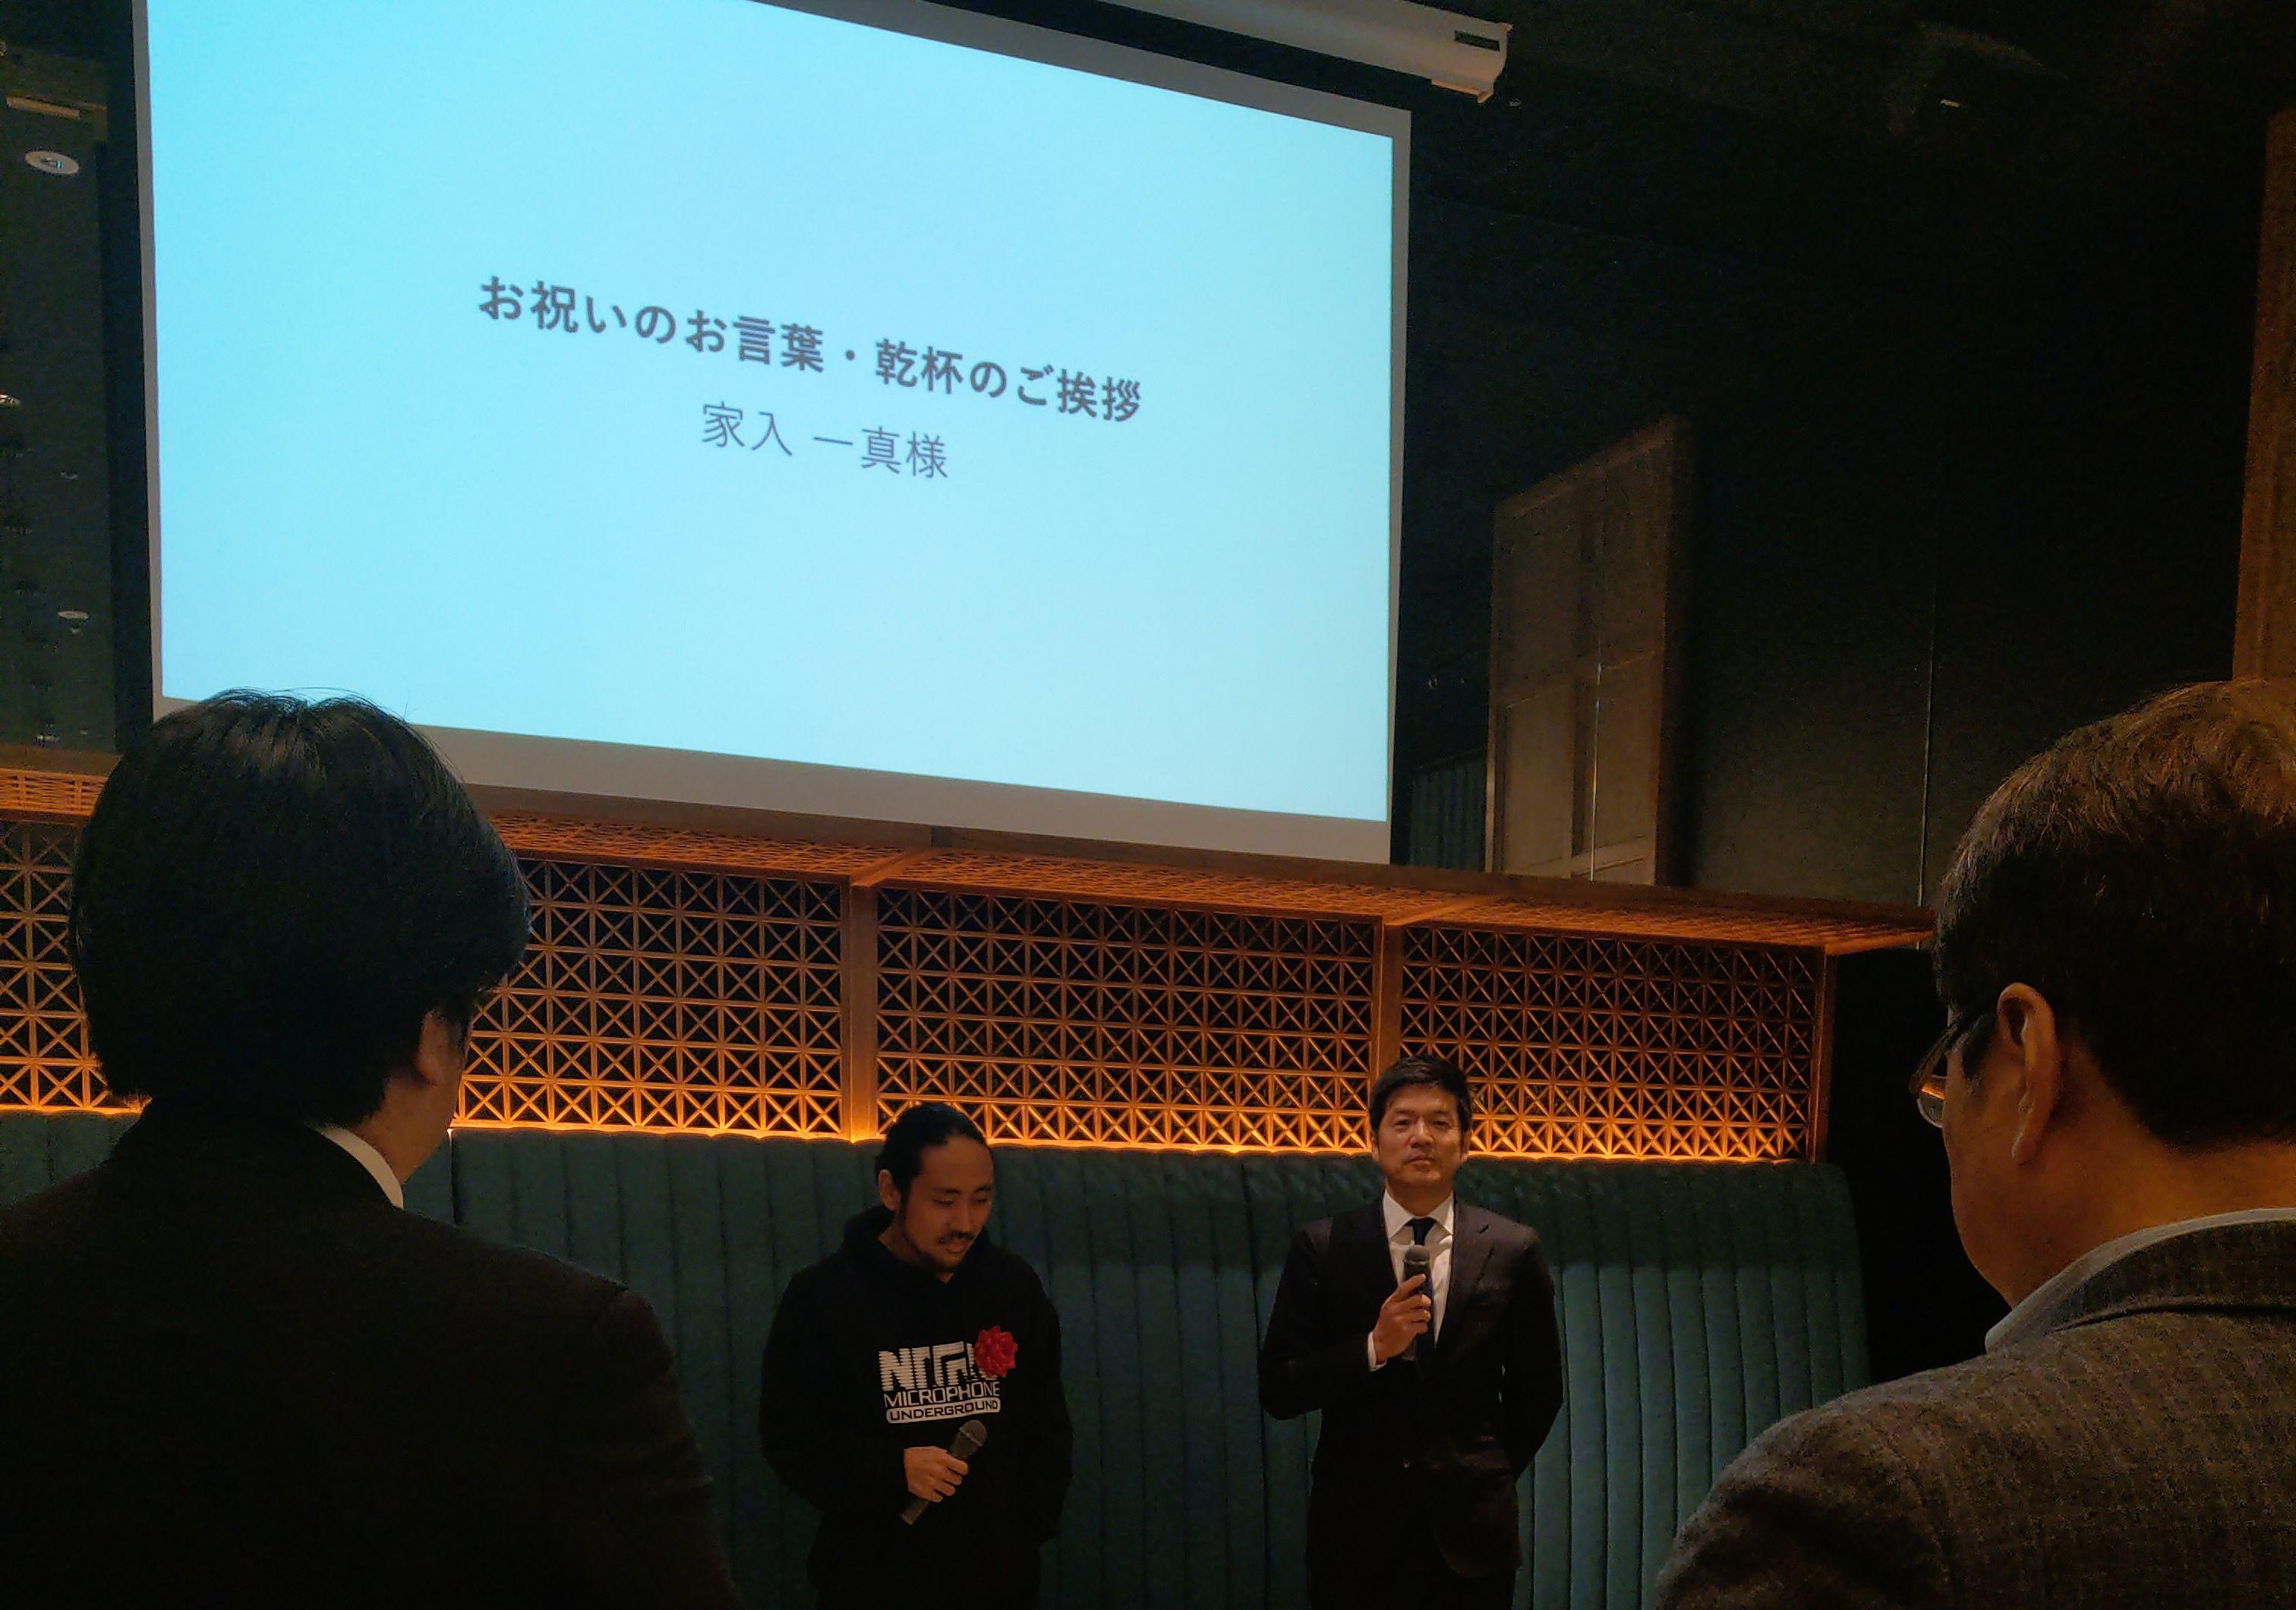 出版パーティーにおいて伊藤慎佐仁CEOと家入一真社長からの挨拶